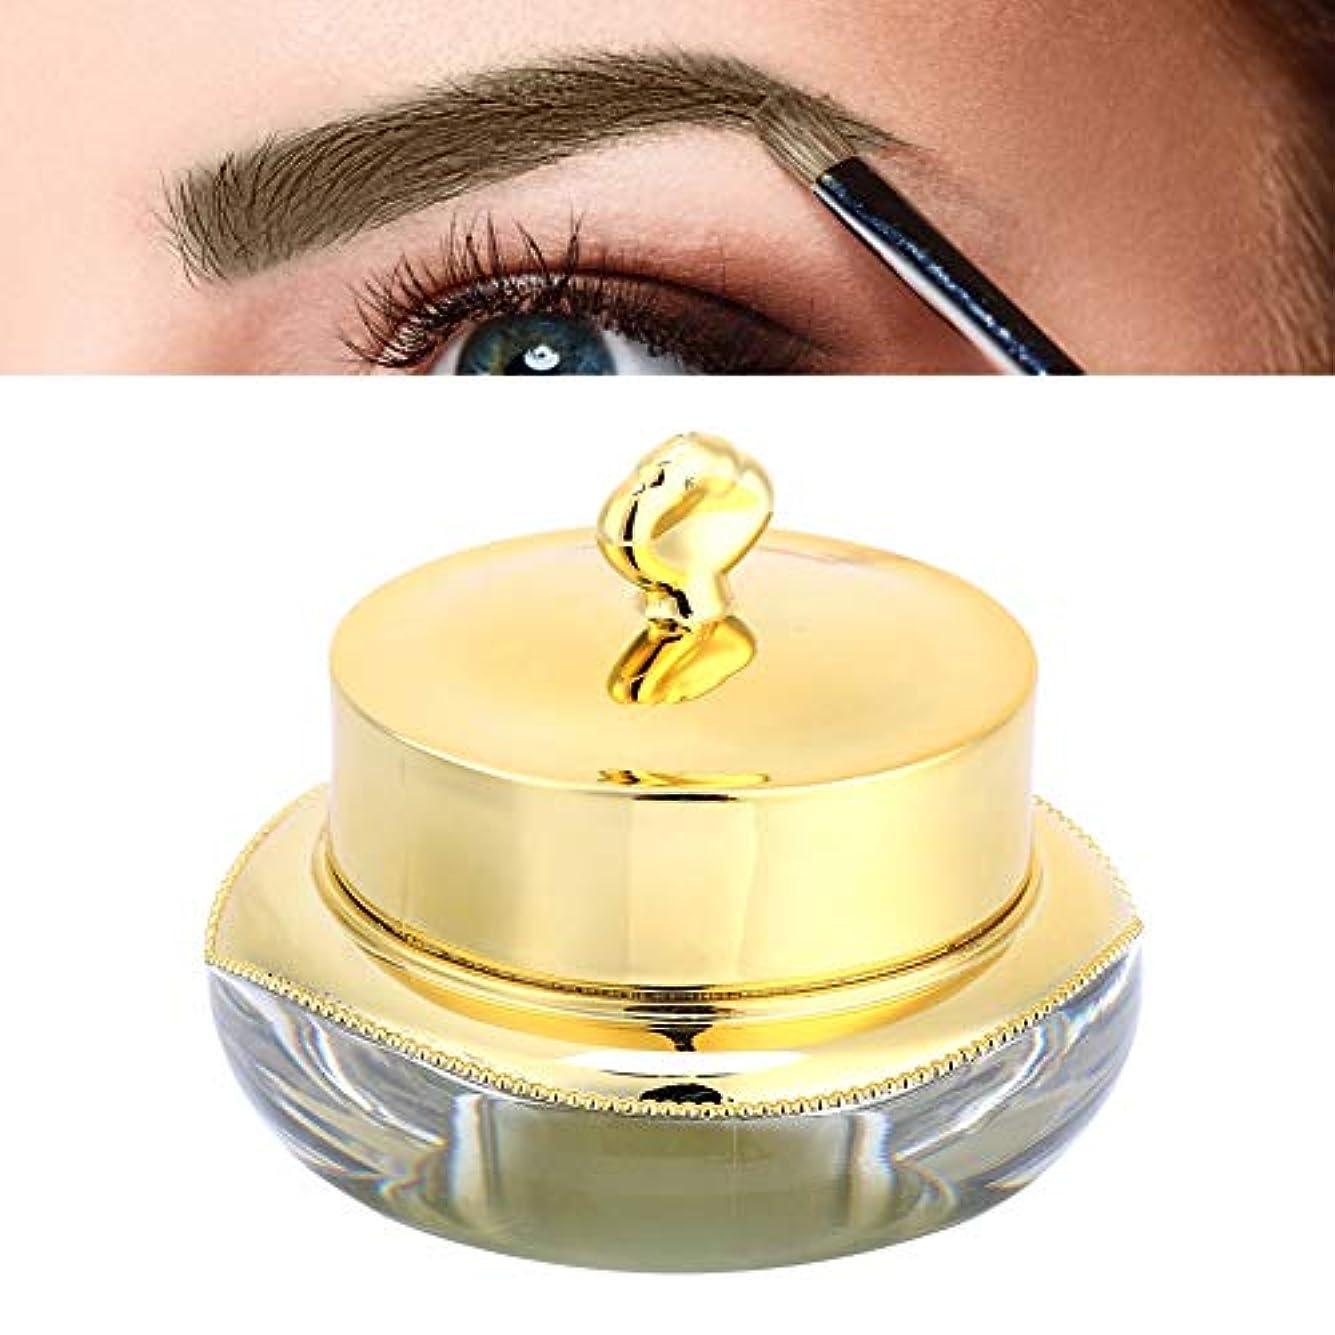 ボーナス送金ちなみに眉毛インク 天然植物 顔料 顔料の半永久的な唇の眉毛の 長続きがするインククリームの眉毛の唇のアイラインの永久的な構造(コーヒー)